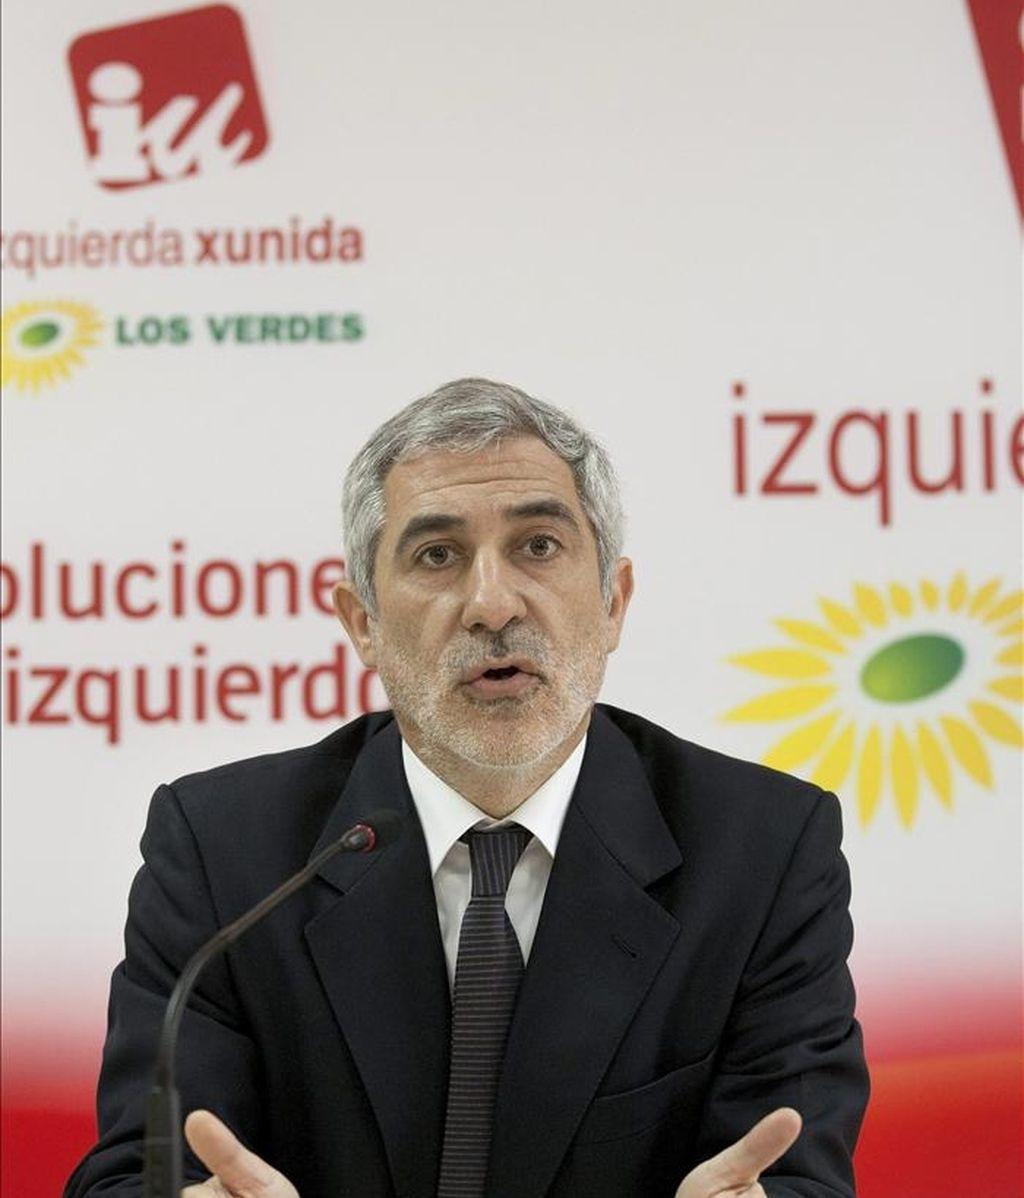 El diputado de IU-ICV Gaspar Llamazares. EFE/Archivo